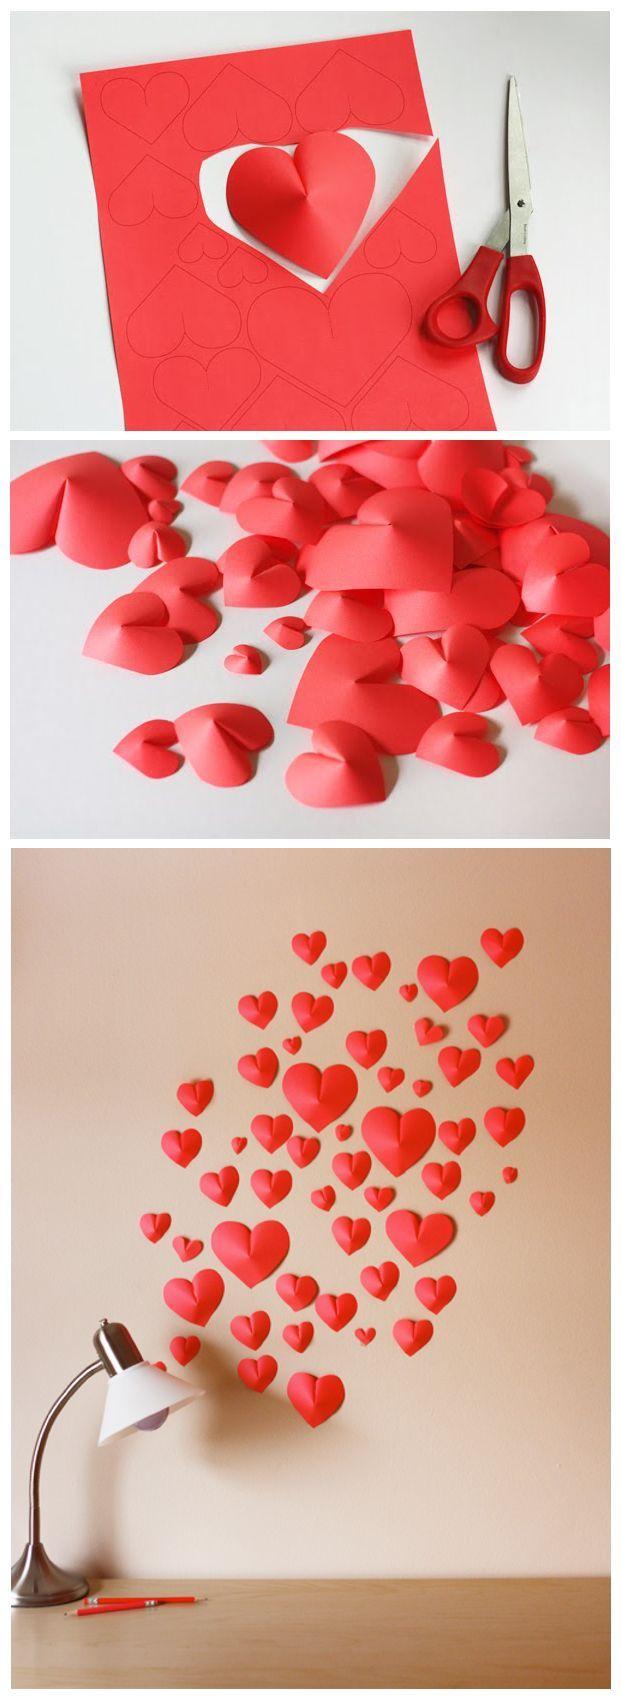 Imagem: Reprodução Pinterest / Pedaços de papel transformam a parede sem graça